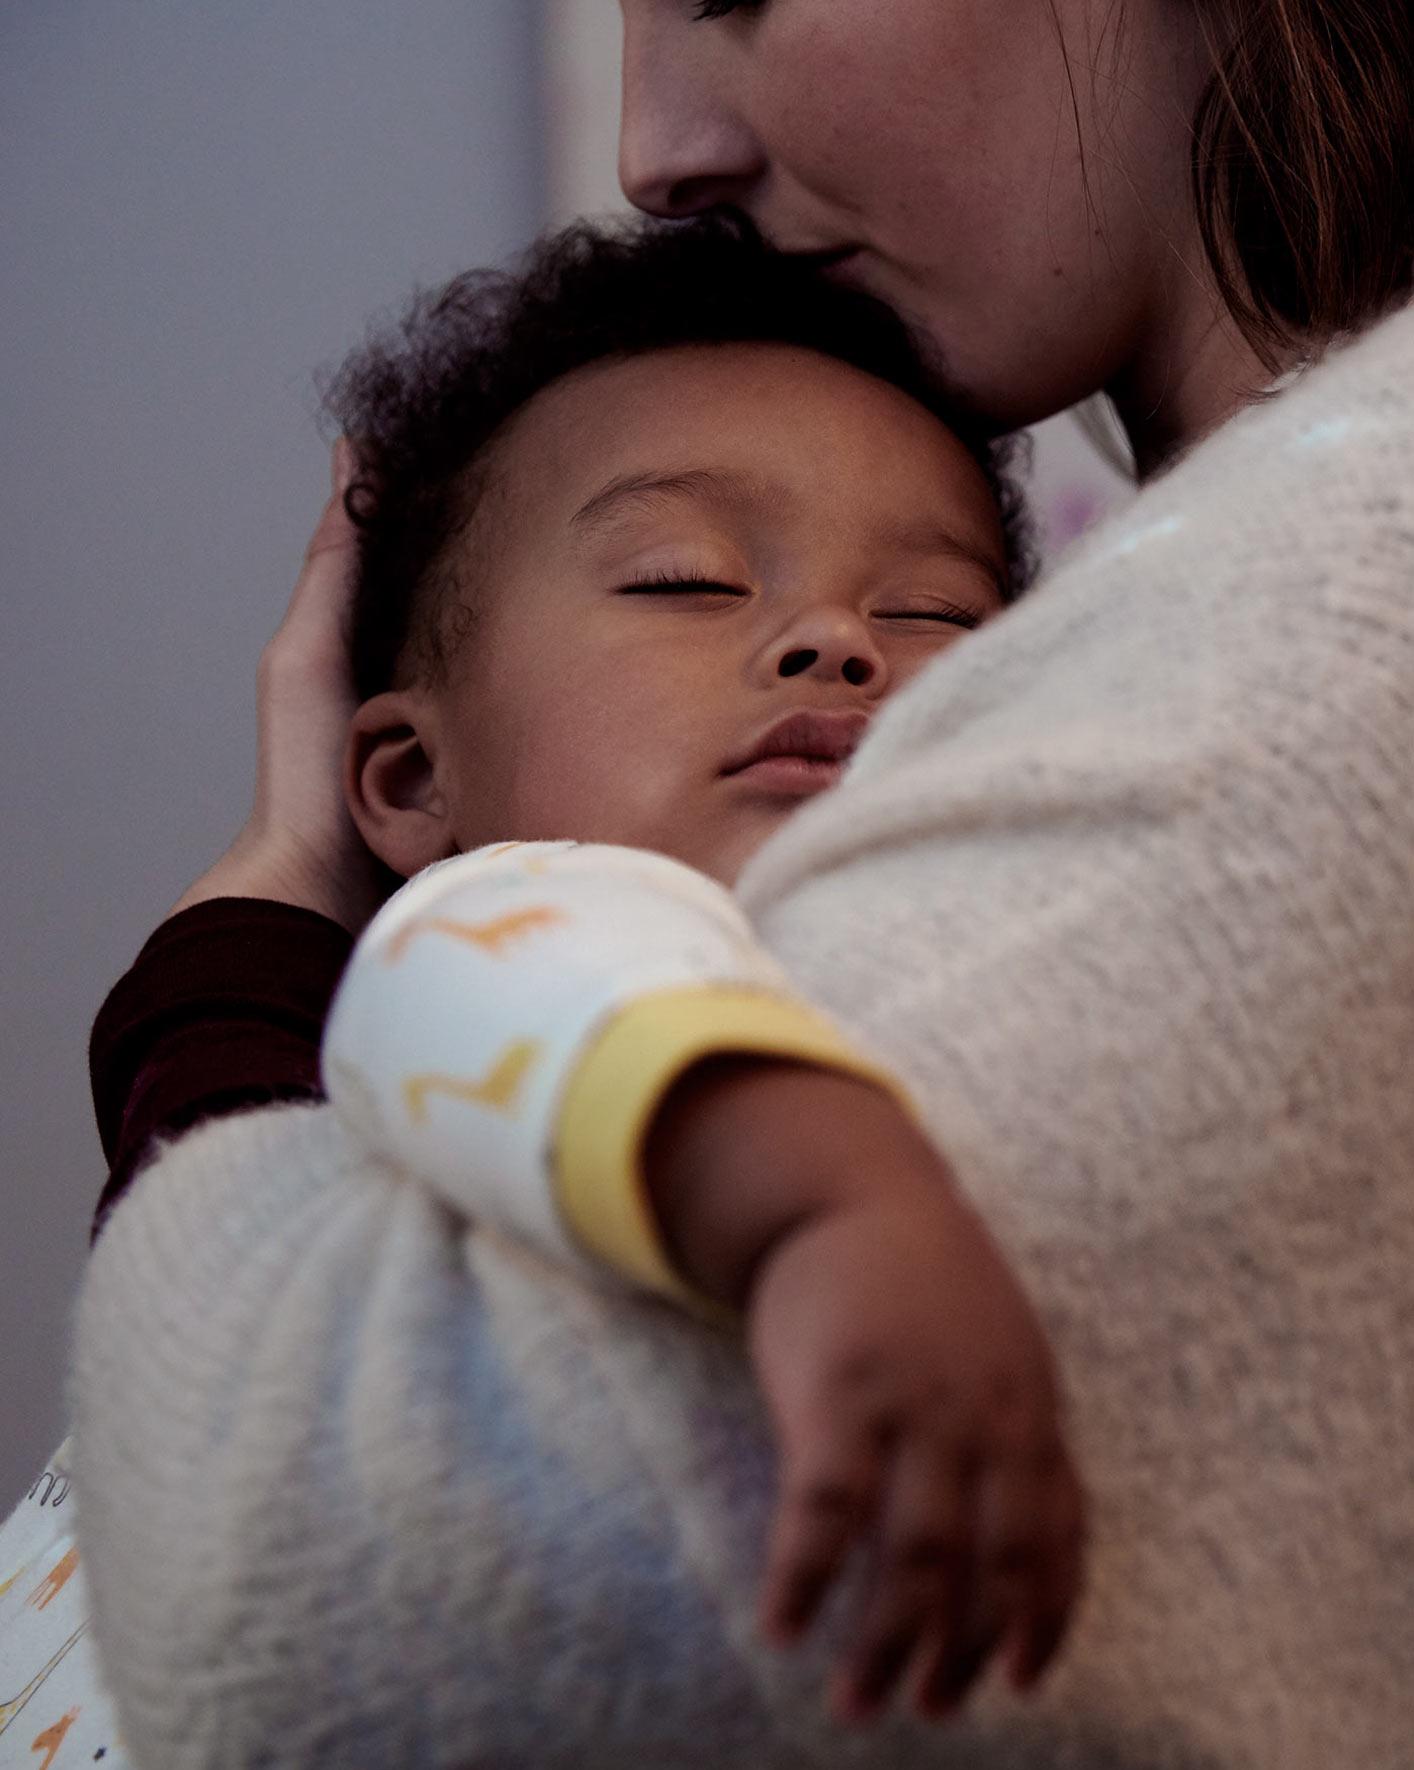 Une maman embrassant et tenant dans ses bras un bébé endormi